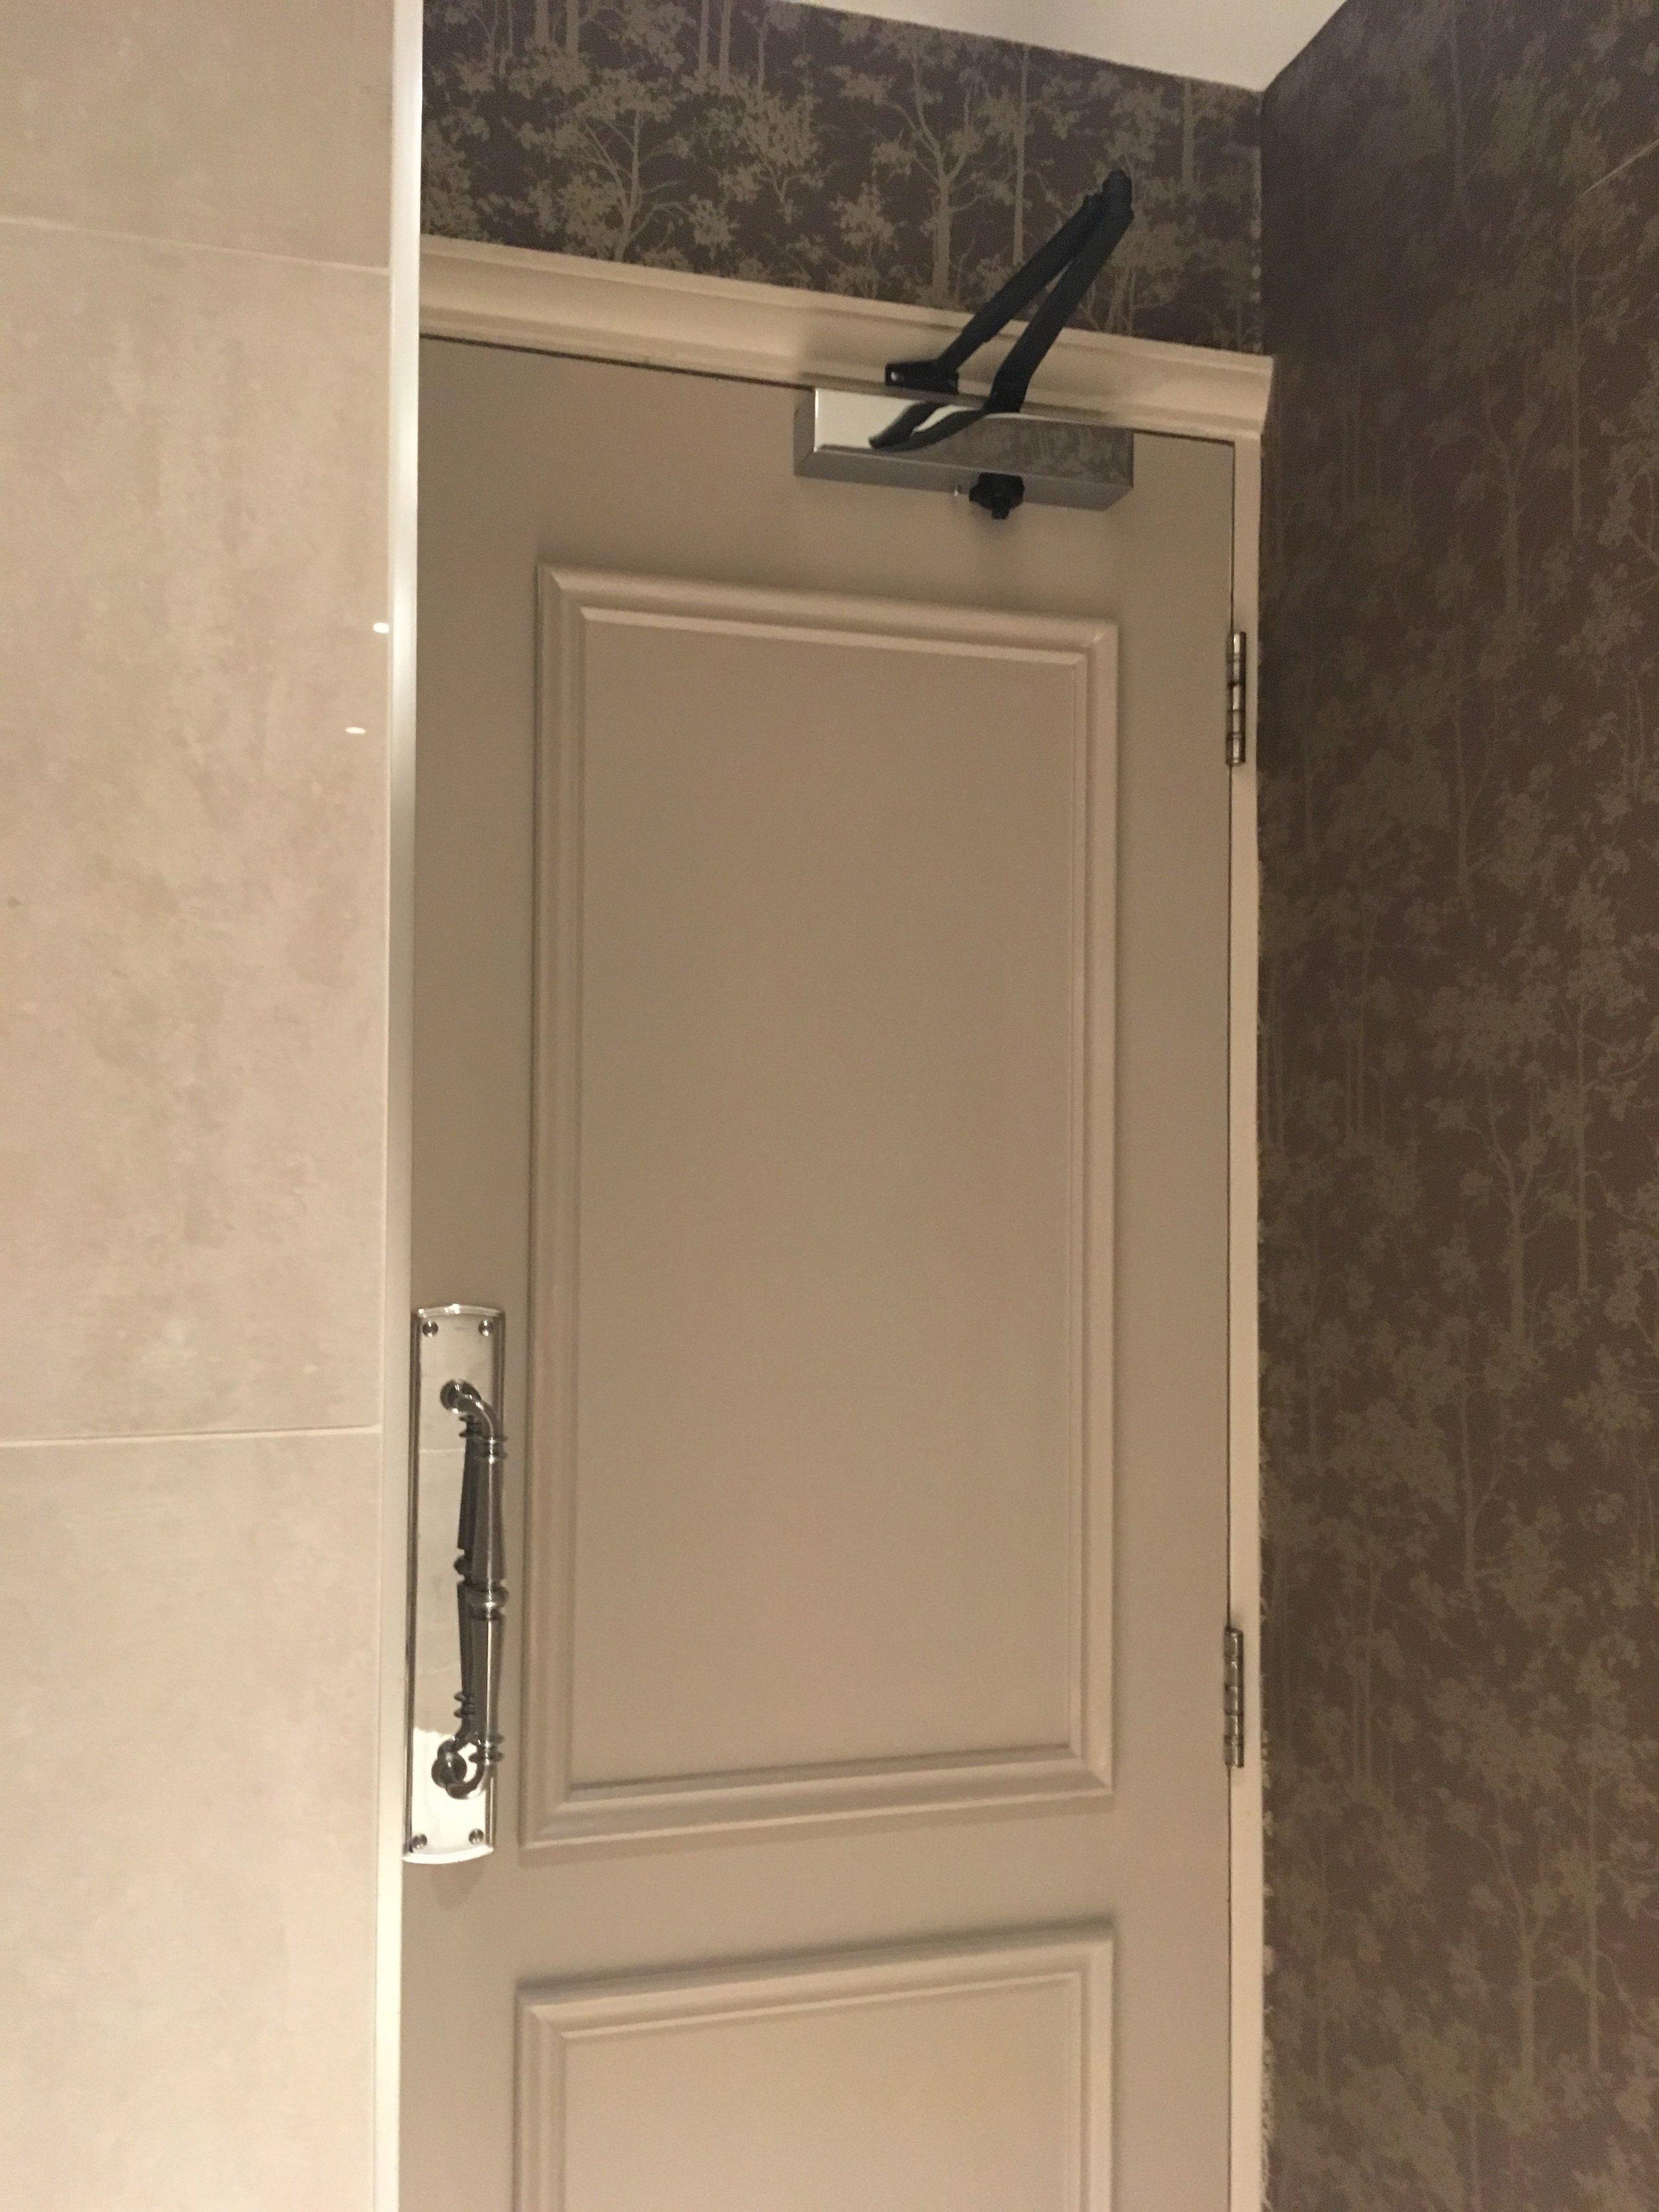 The smallest door